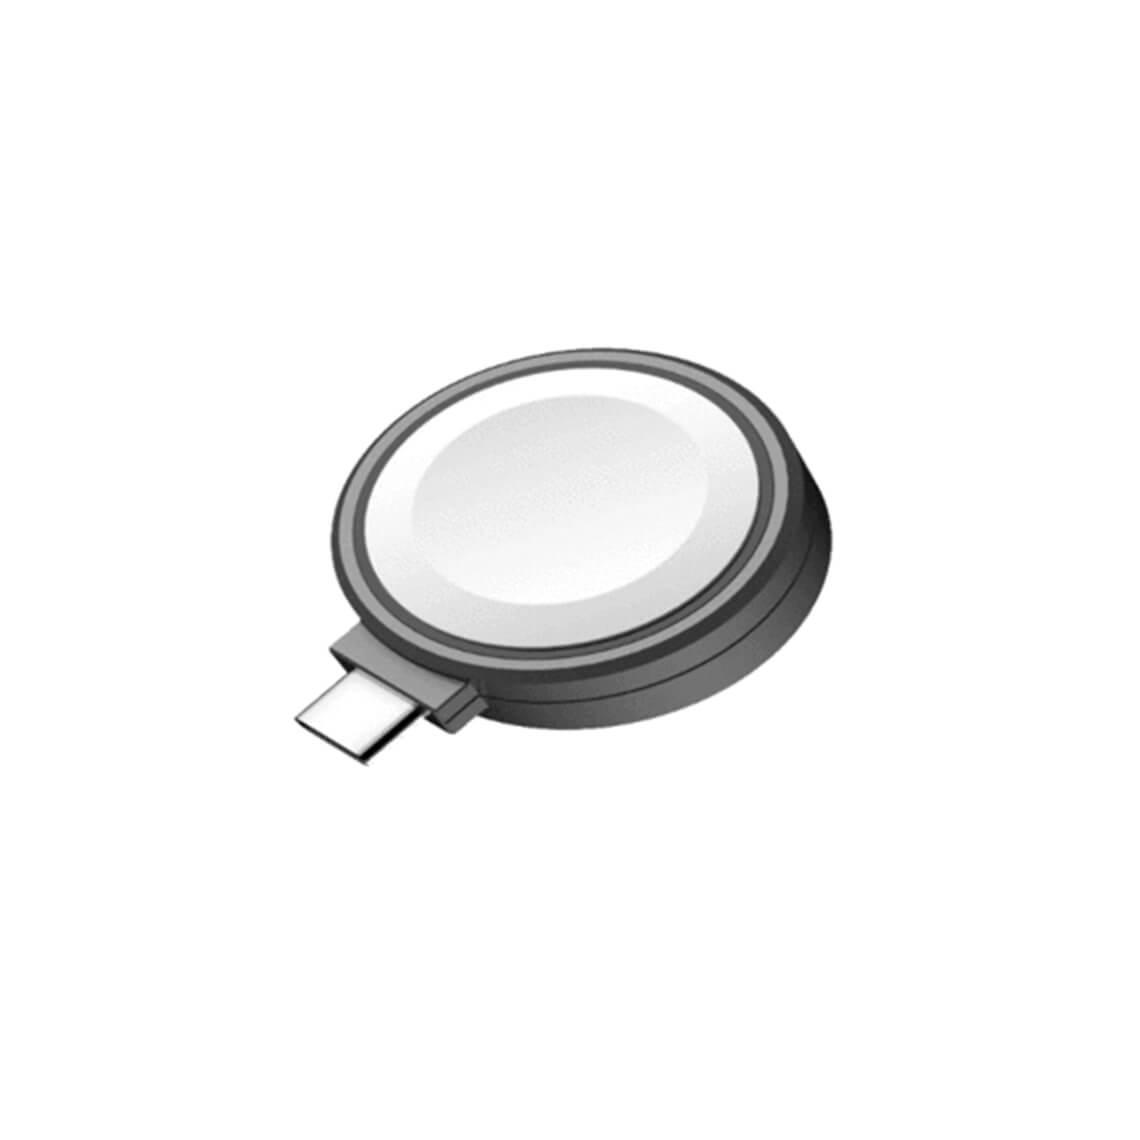 شارژر اپل واچ انرژیا مدل WATCHPOD 2